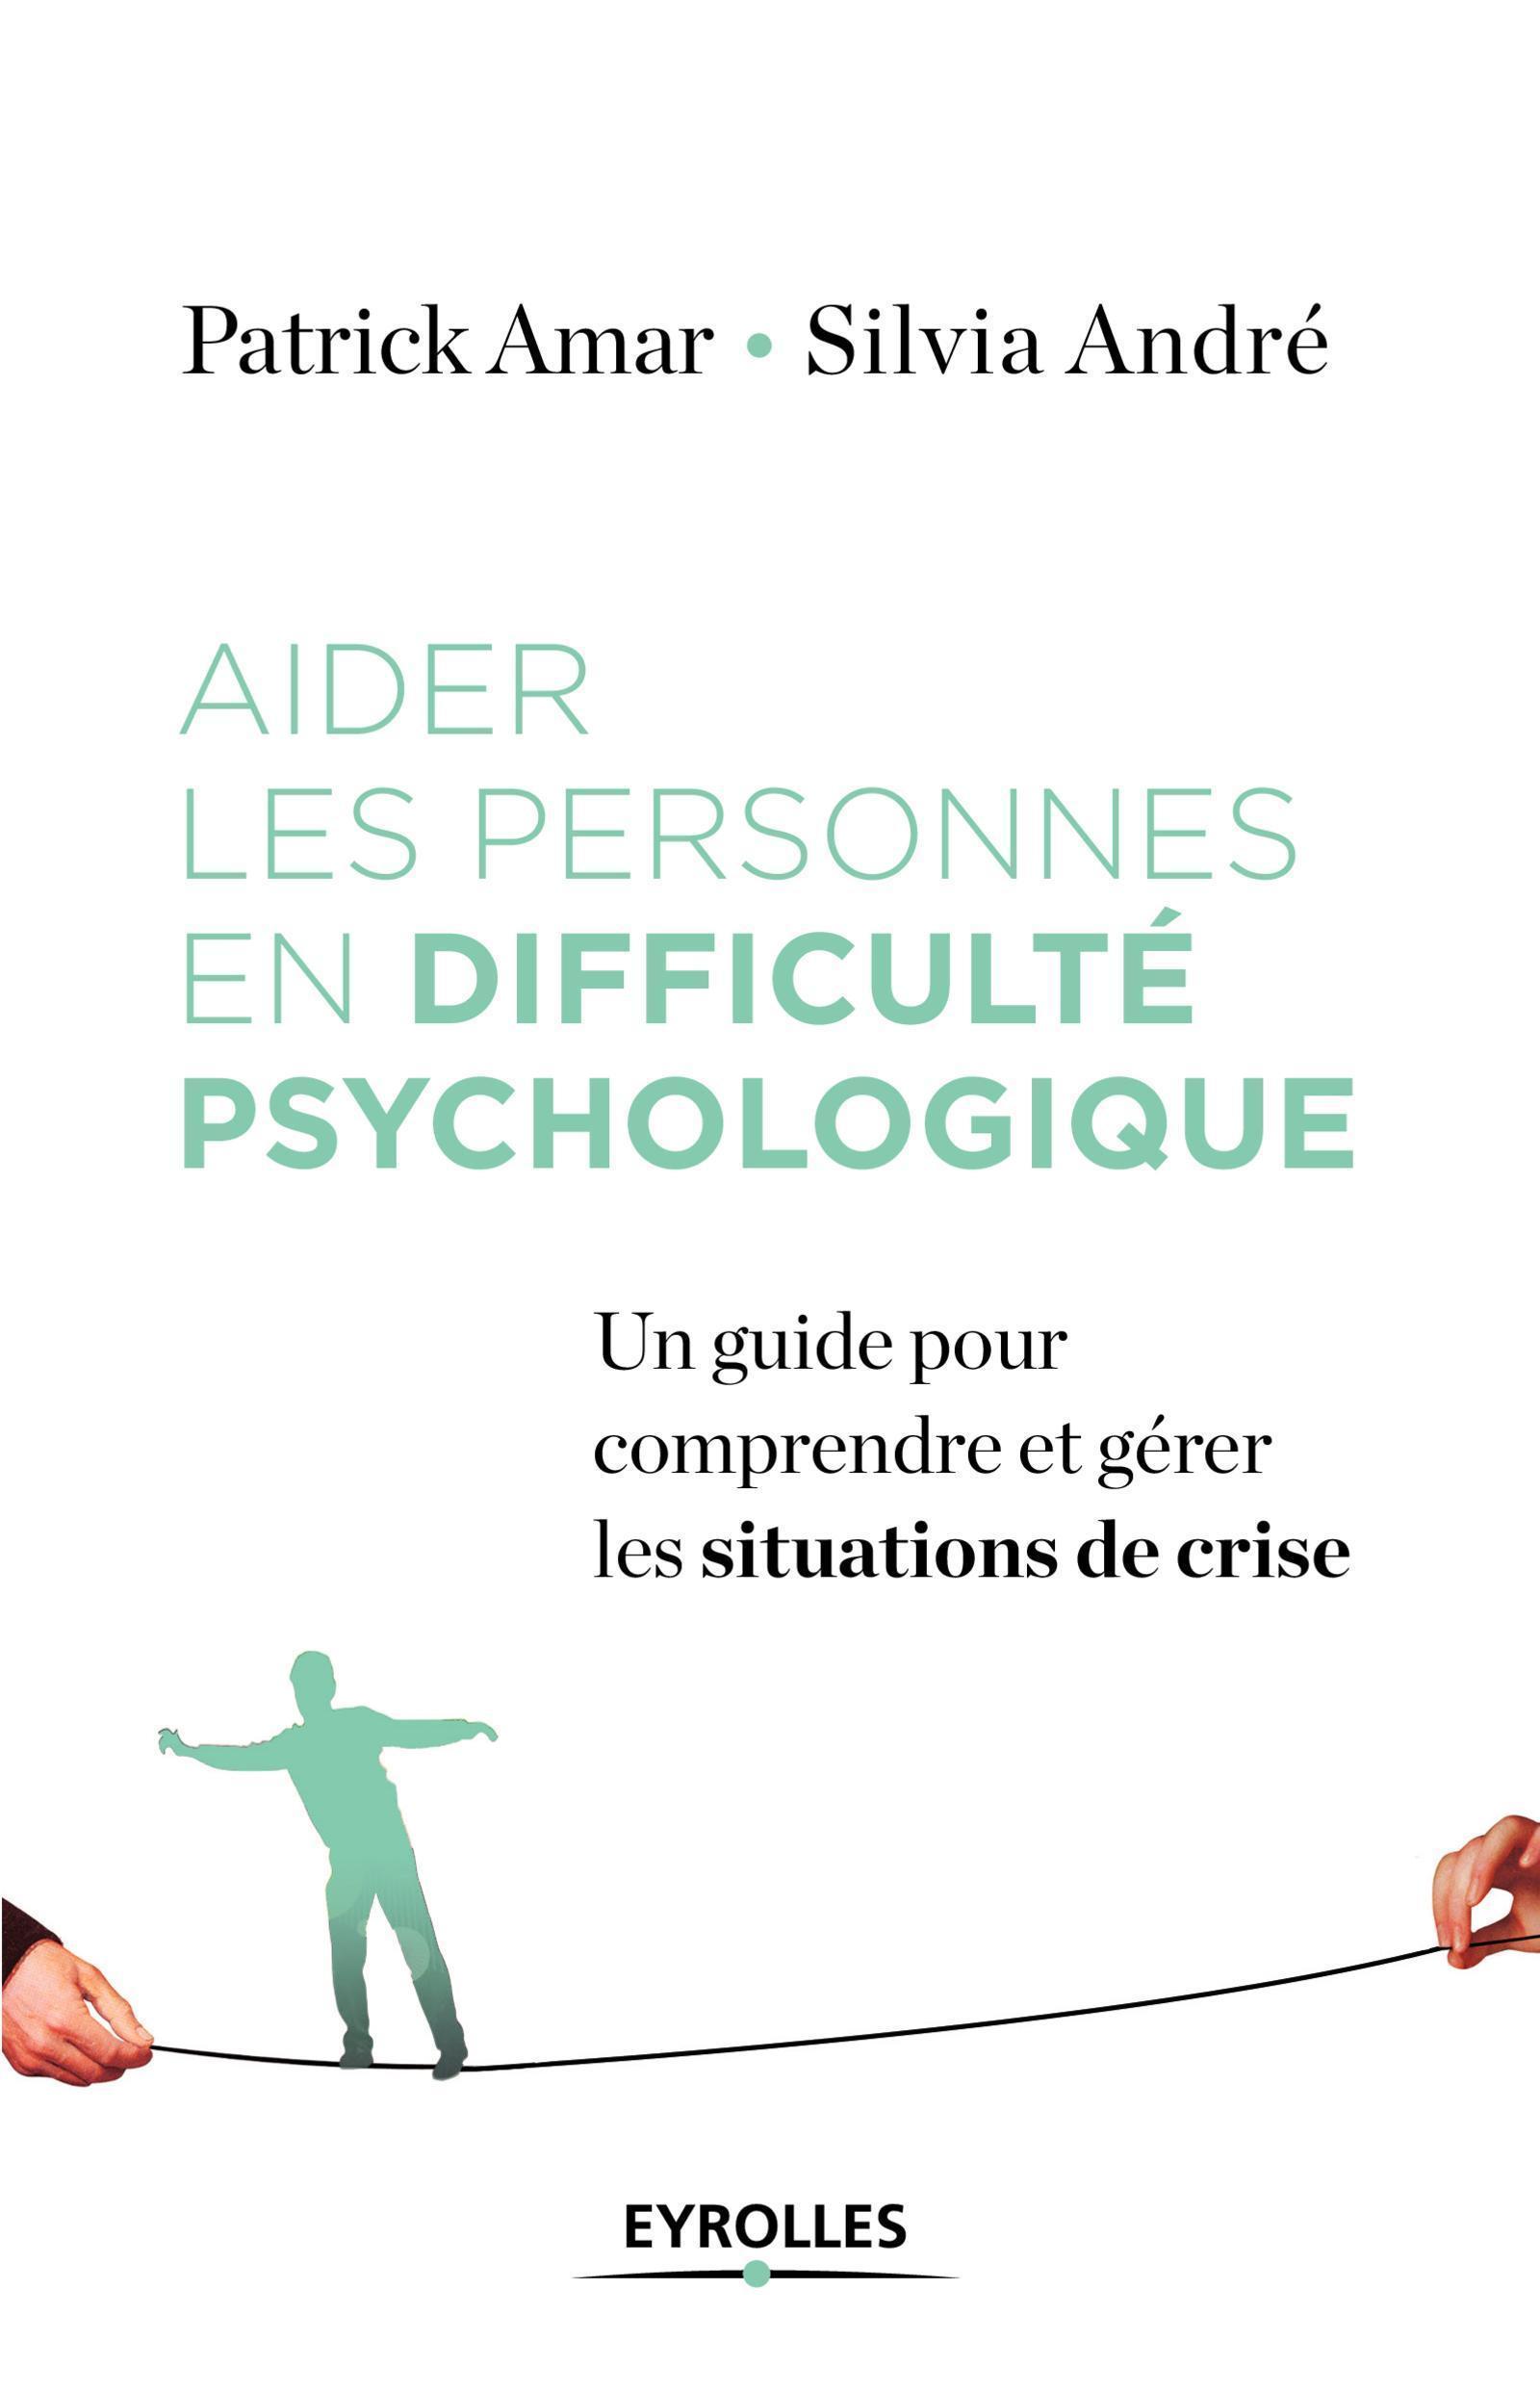 AIDER LES PERSONNES EN DIFFICULTE PSYCHOLOGIQUE